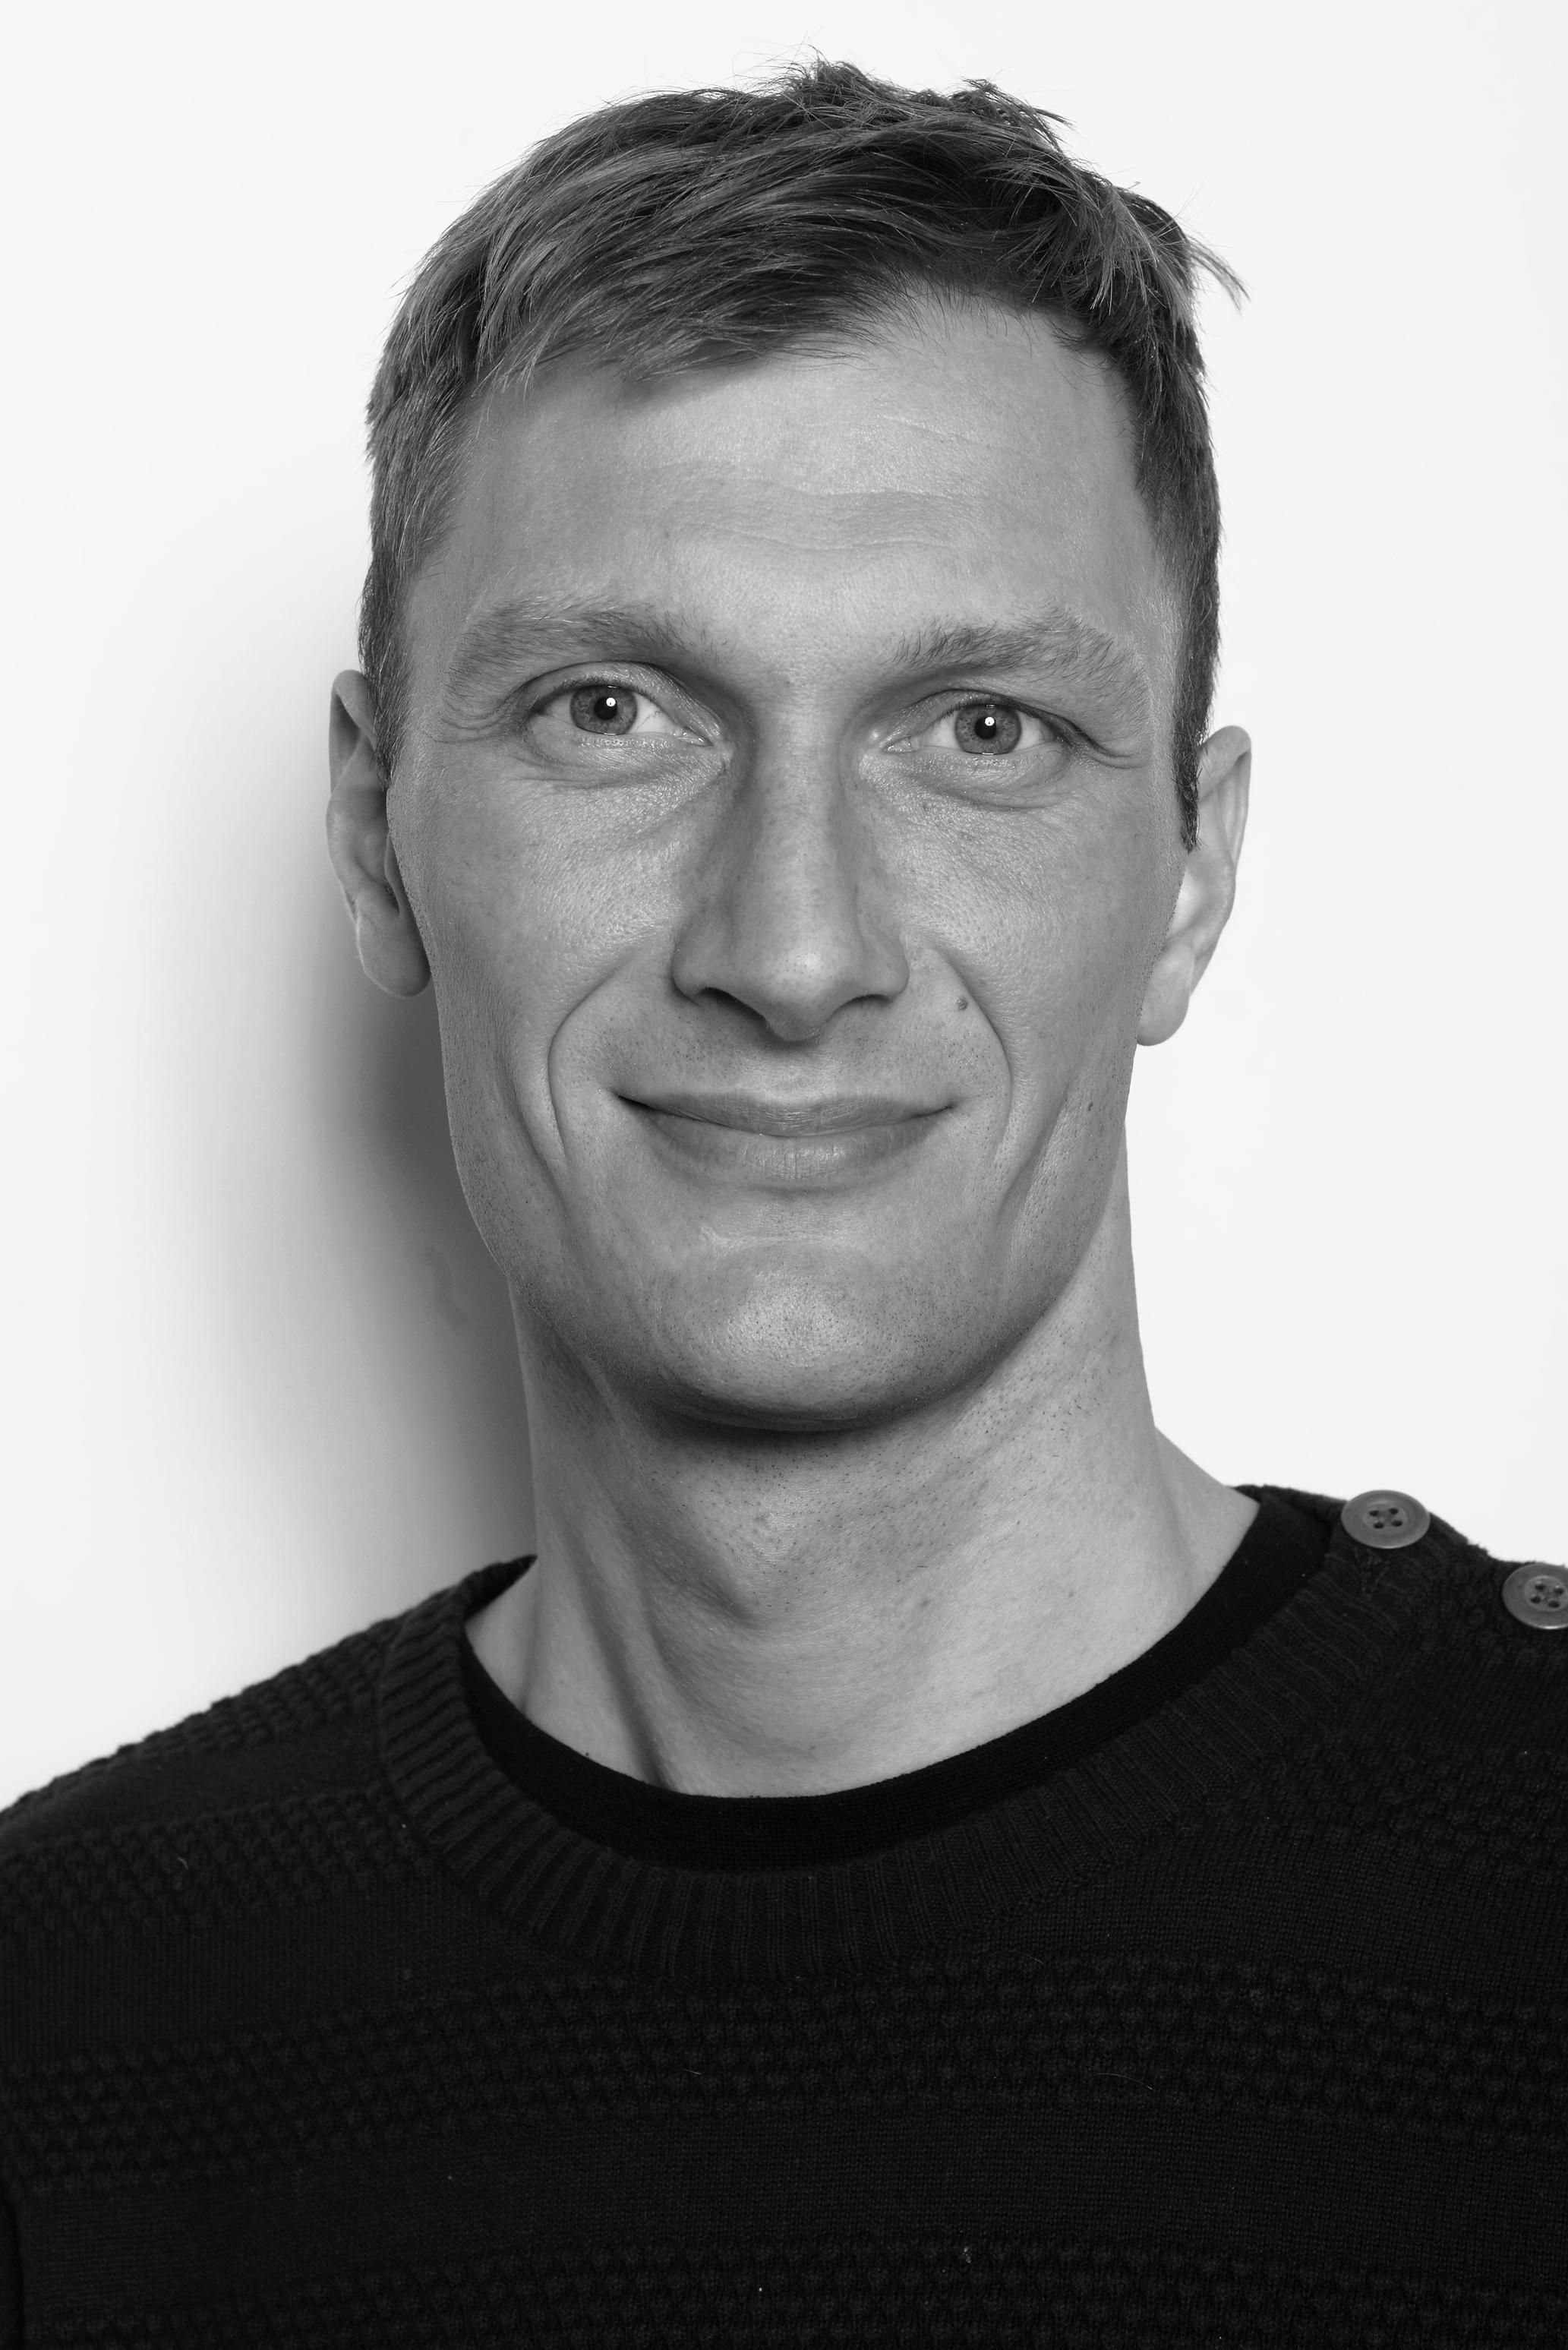 Jeg har en baggrund som PhD fra Aarhus Universitet, hvor jeg har forsket i bæredygtig omstilling og cirkulær økonomi. Jeg har fortsat tæt samarbejde med forskningsmiljøet omkring cirkulær økonomi og er på nuværende tidspunkt tilknyttet Aalborg Universitet.